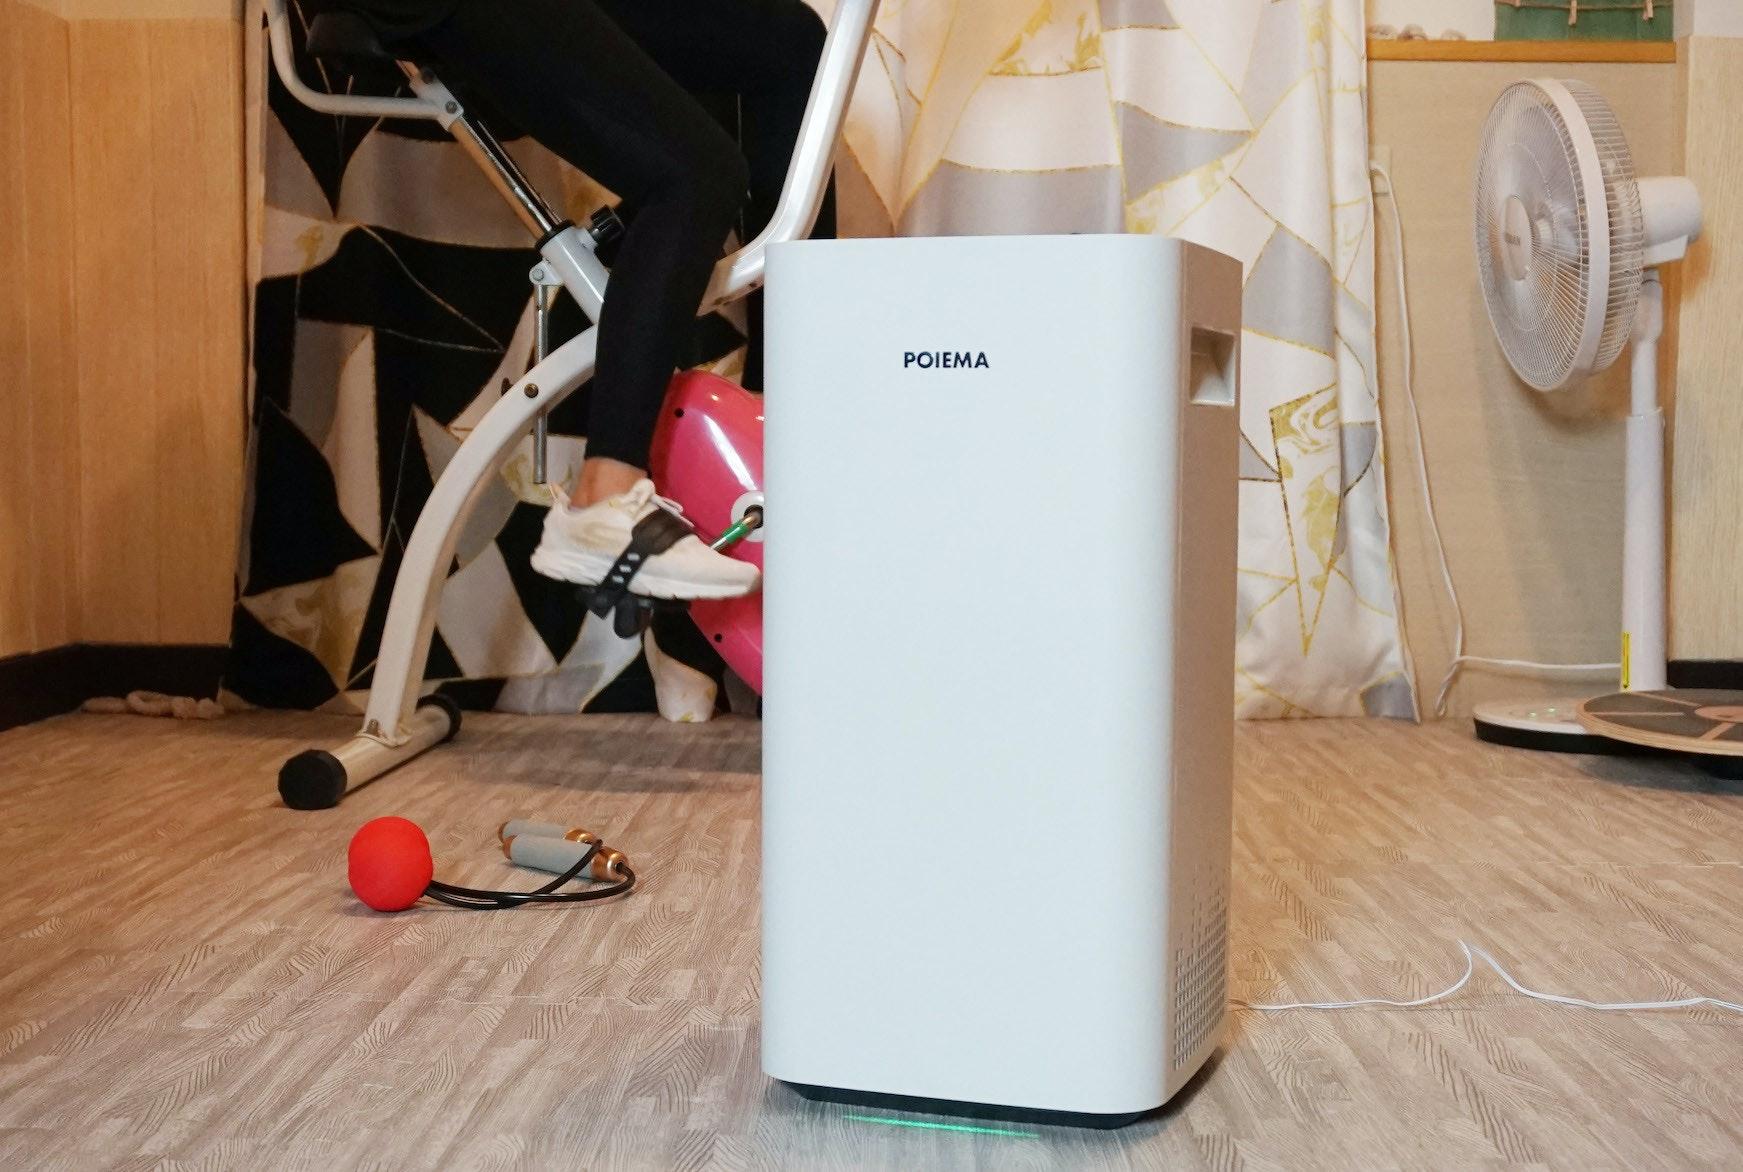 照片中提到了POIEMA,跟迪瑪家族有關,包含了小工具、產品設計、地板、家具類、家用電器